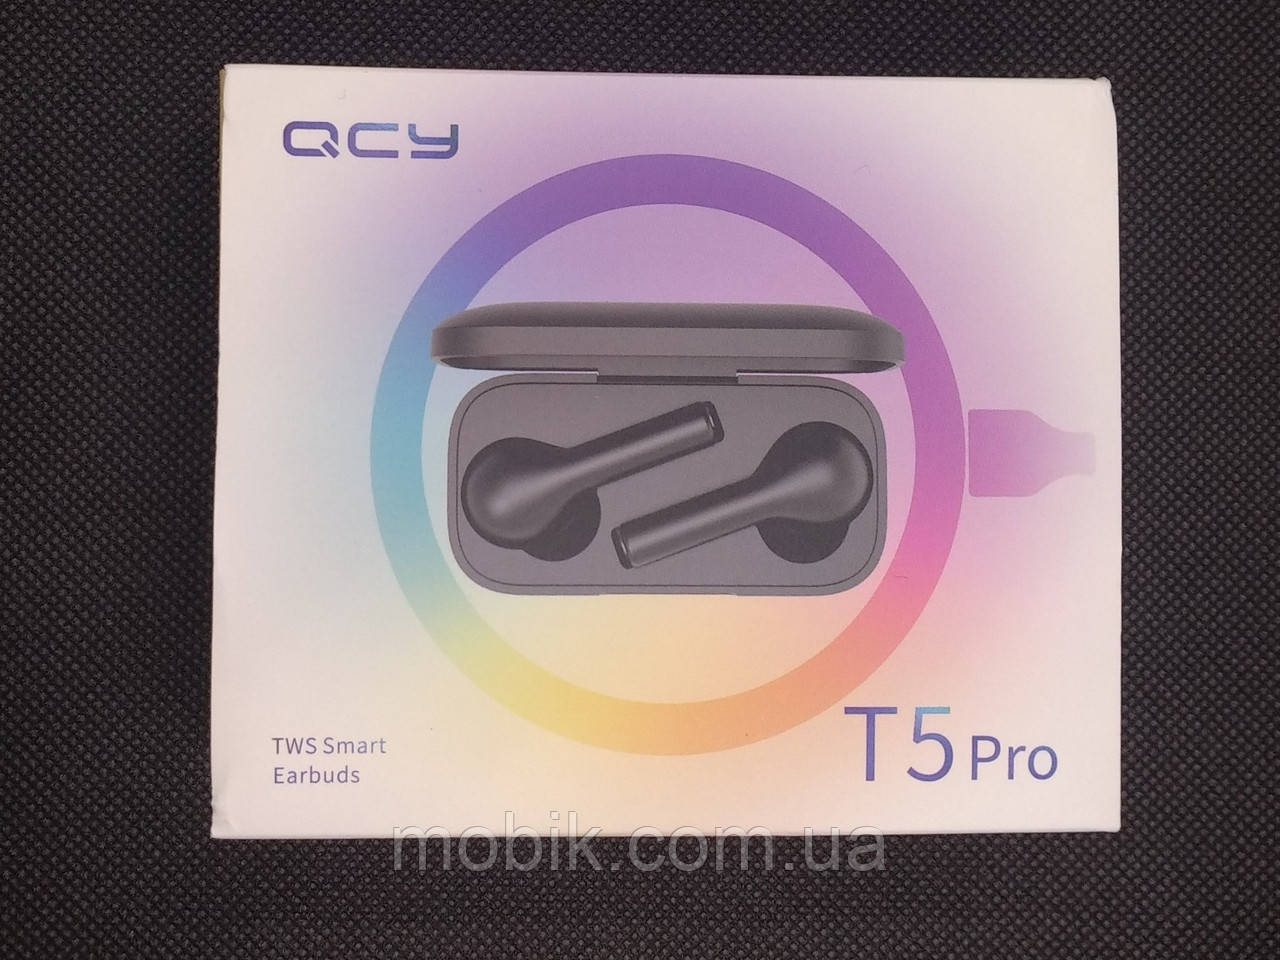 T5Pro Наушники беспроводные TWS черные Xiaomi QCY T5 Pro black Bluetooth